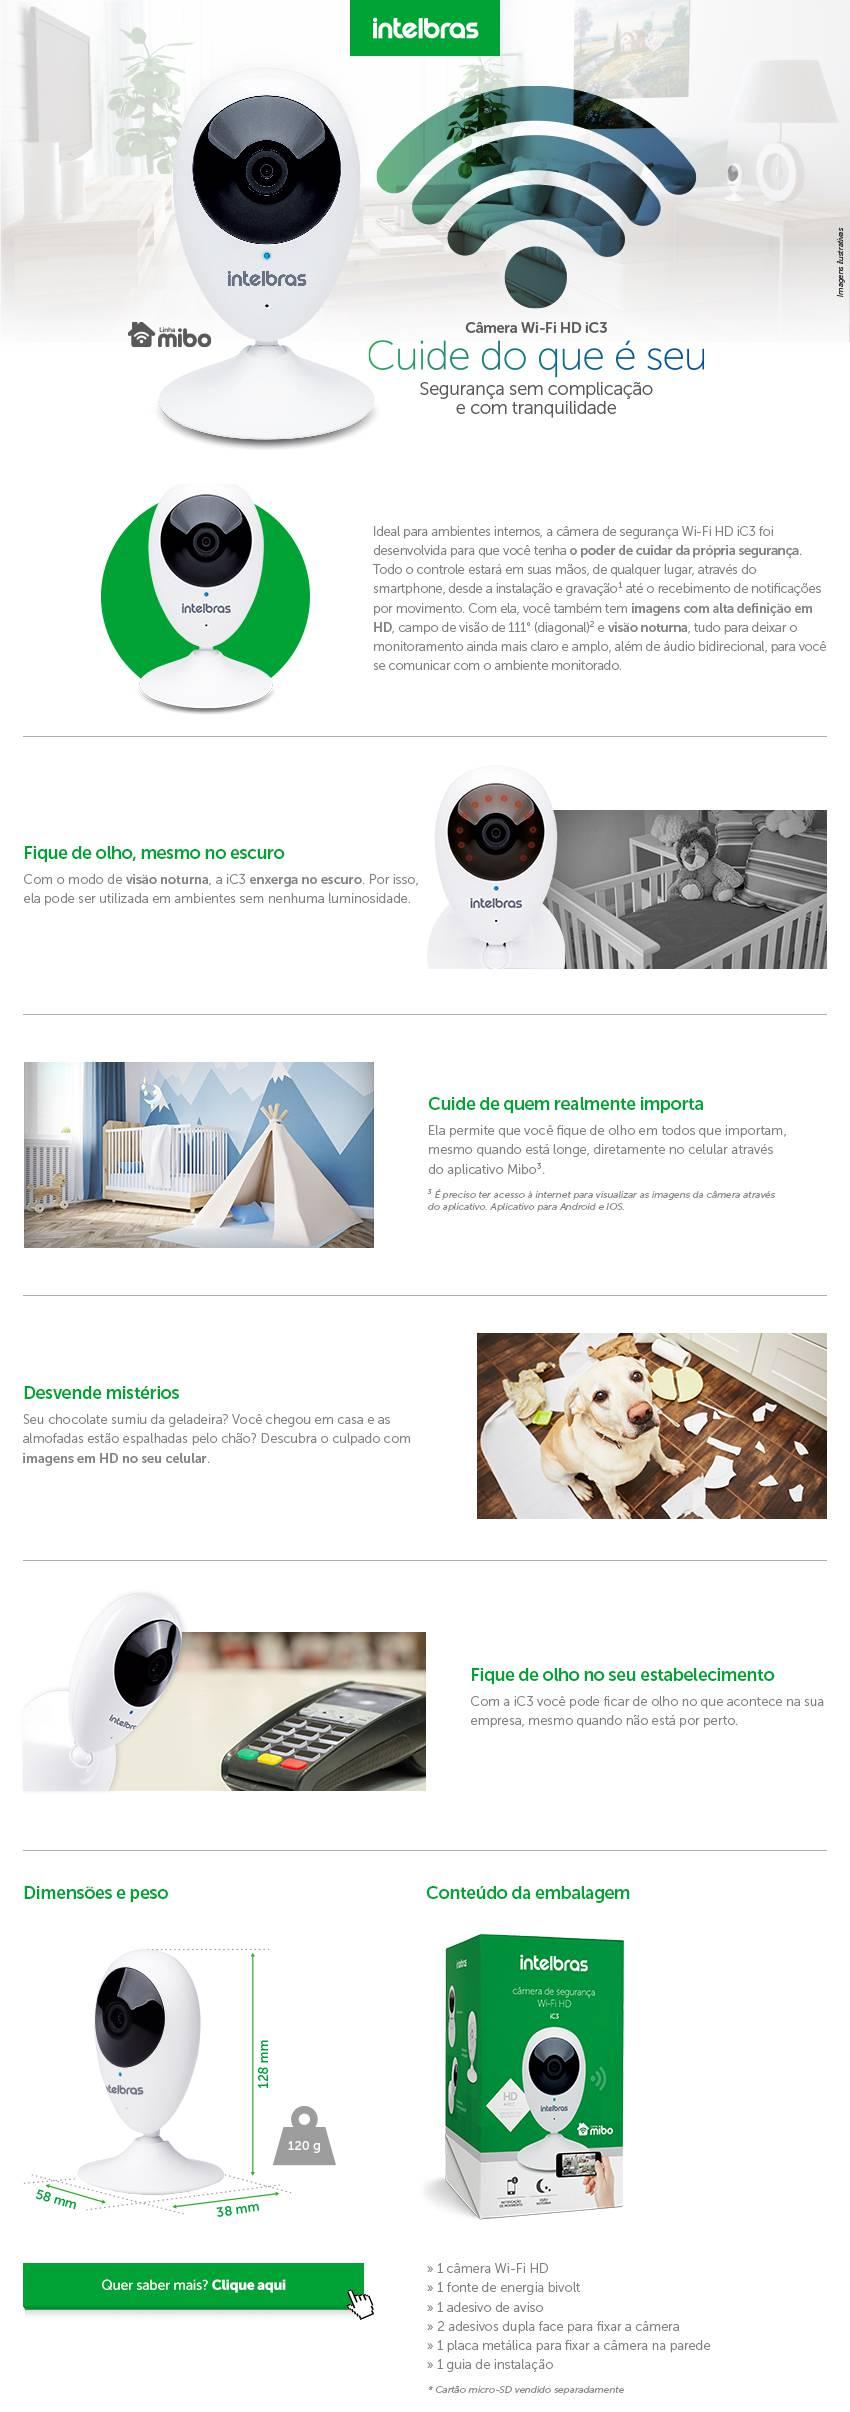 http://uploaddeimagens.com.br/images/001/885/238/original/layout.jpg?1549633430